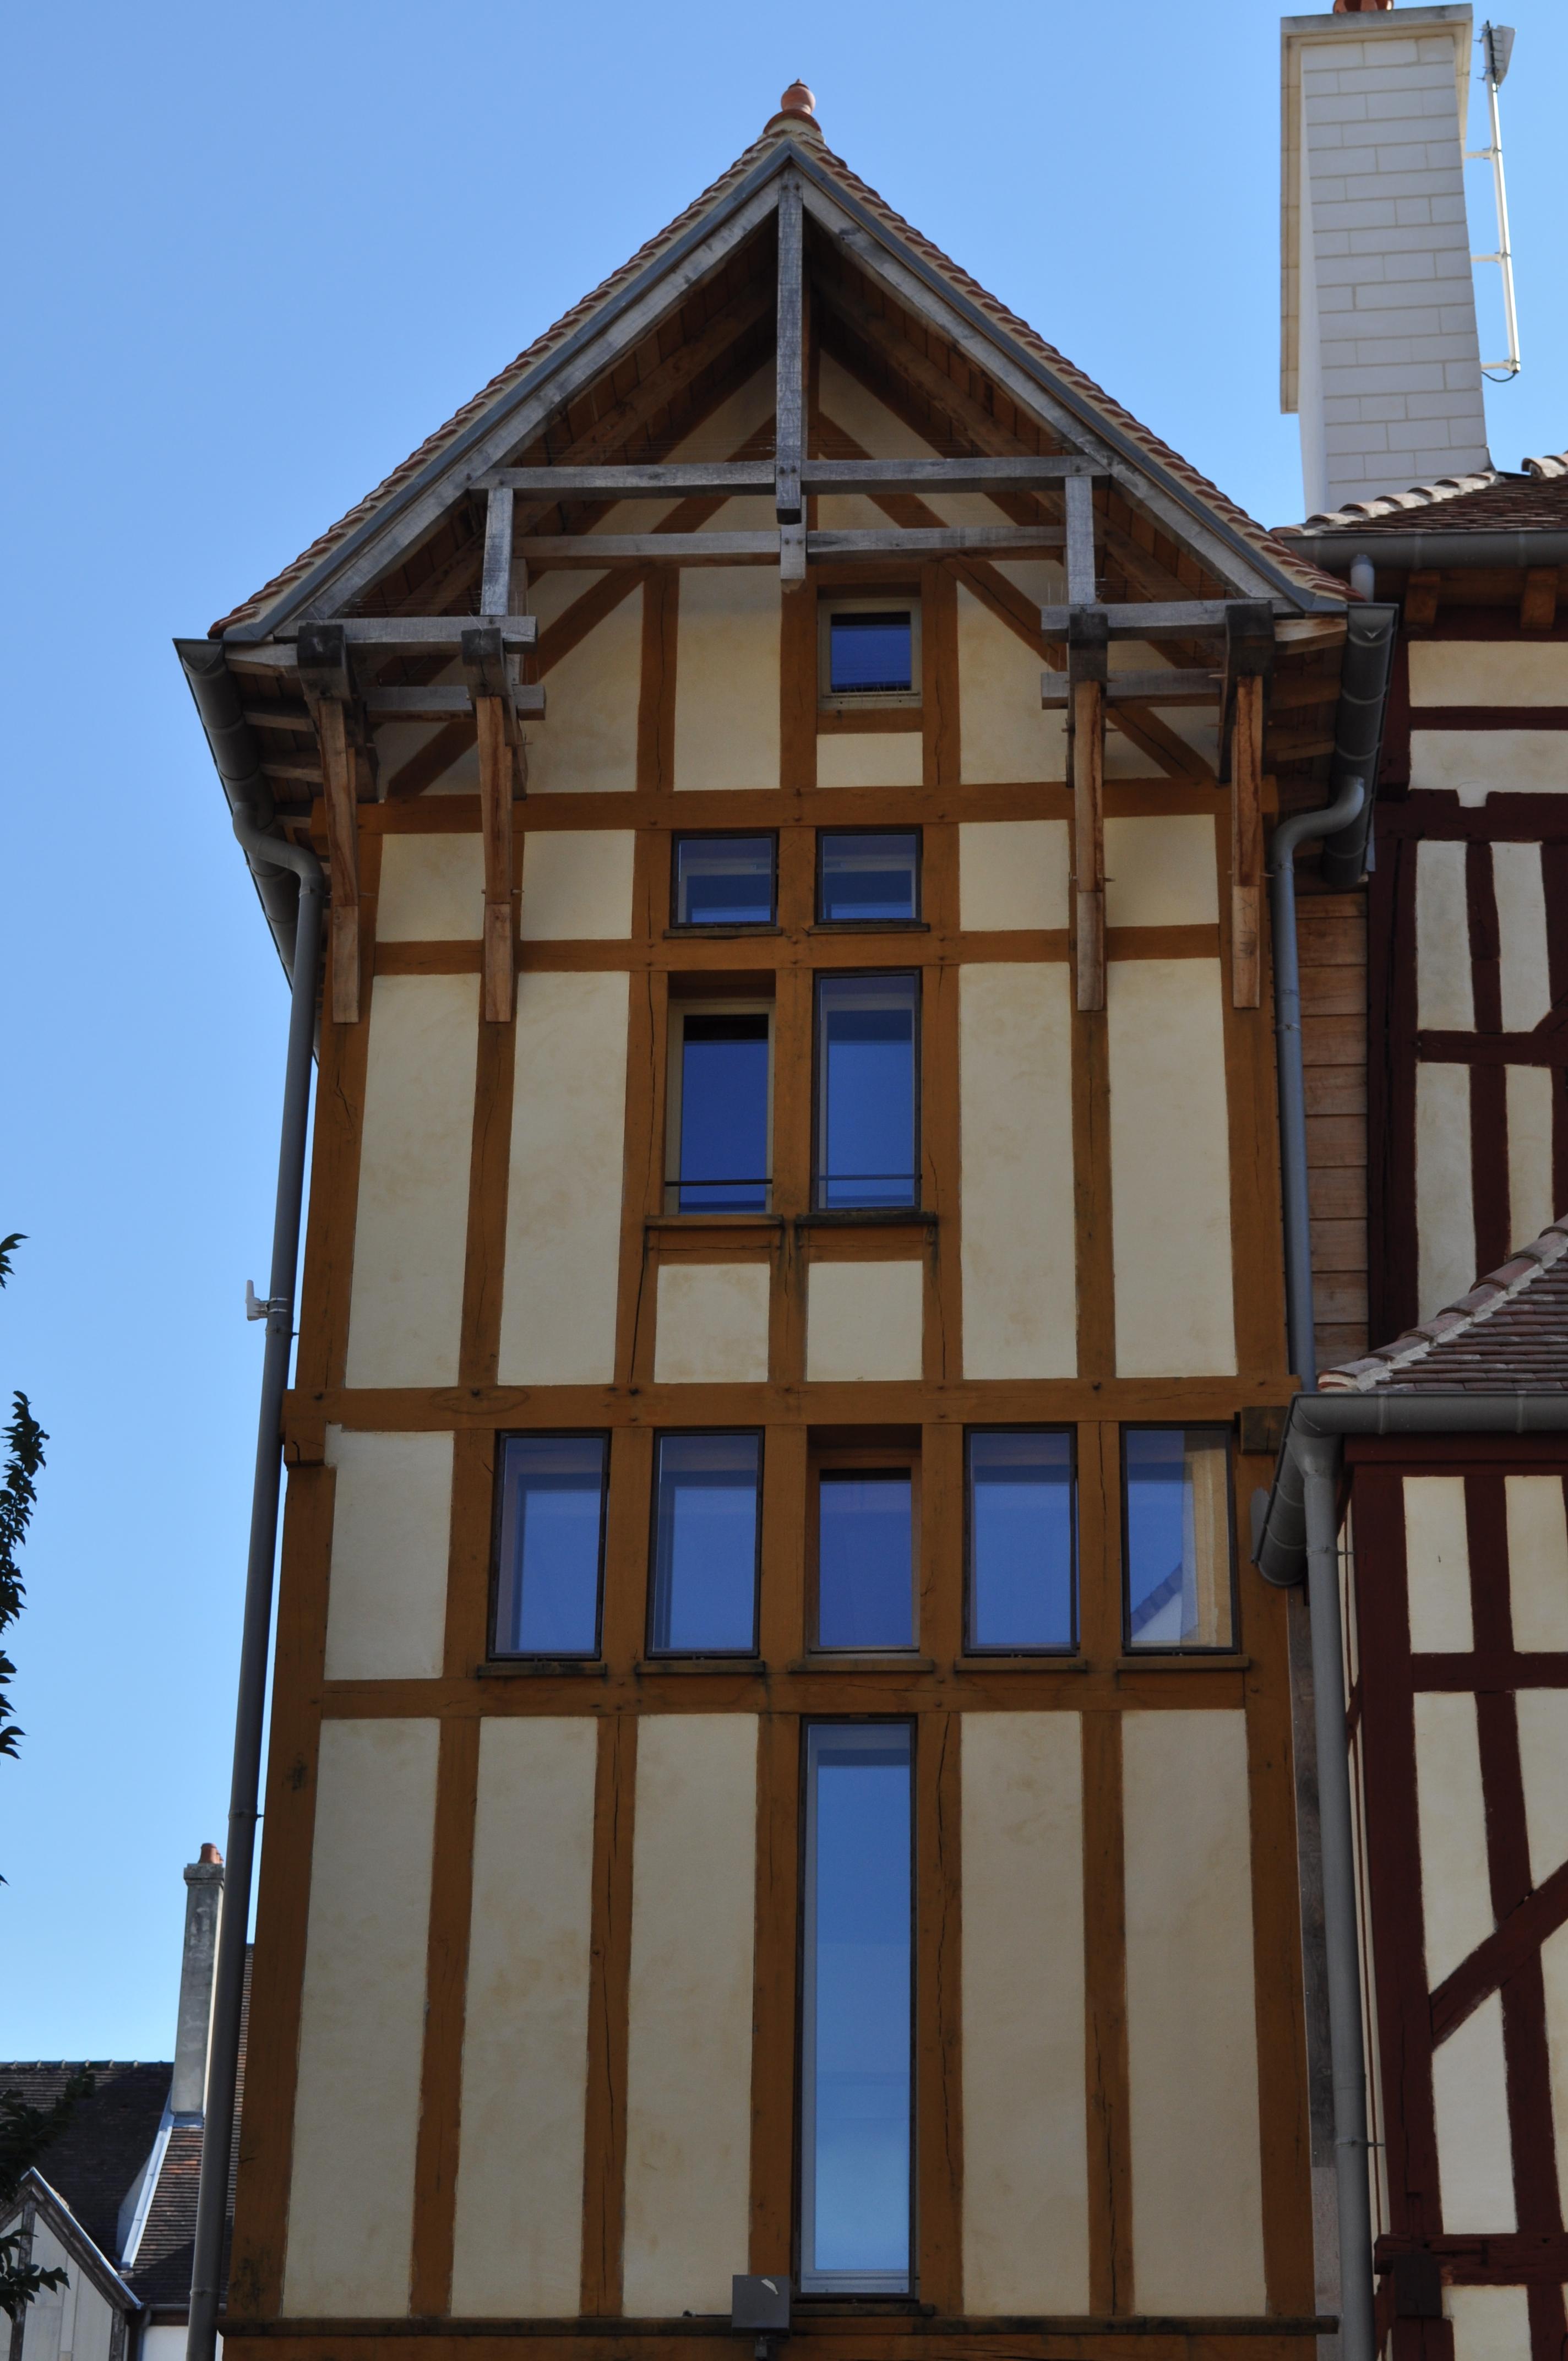 Office du tourisme de troyes lambert menuiserie - Office du tourisme allauch ...